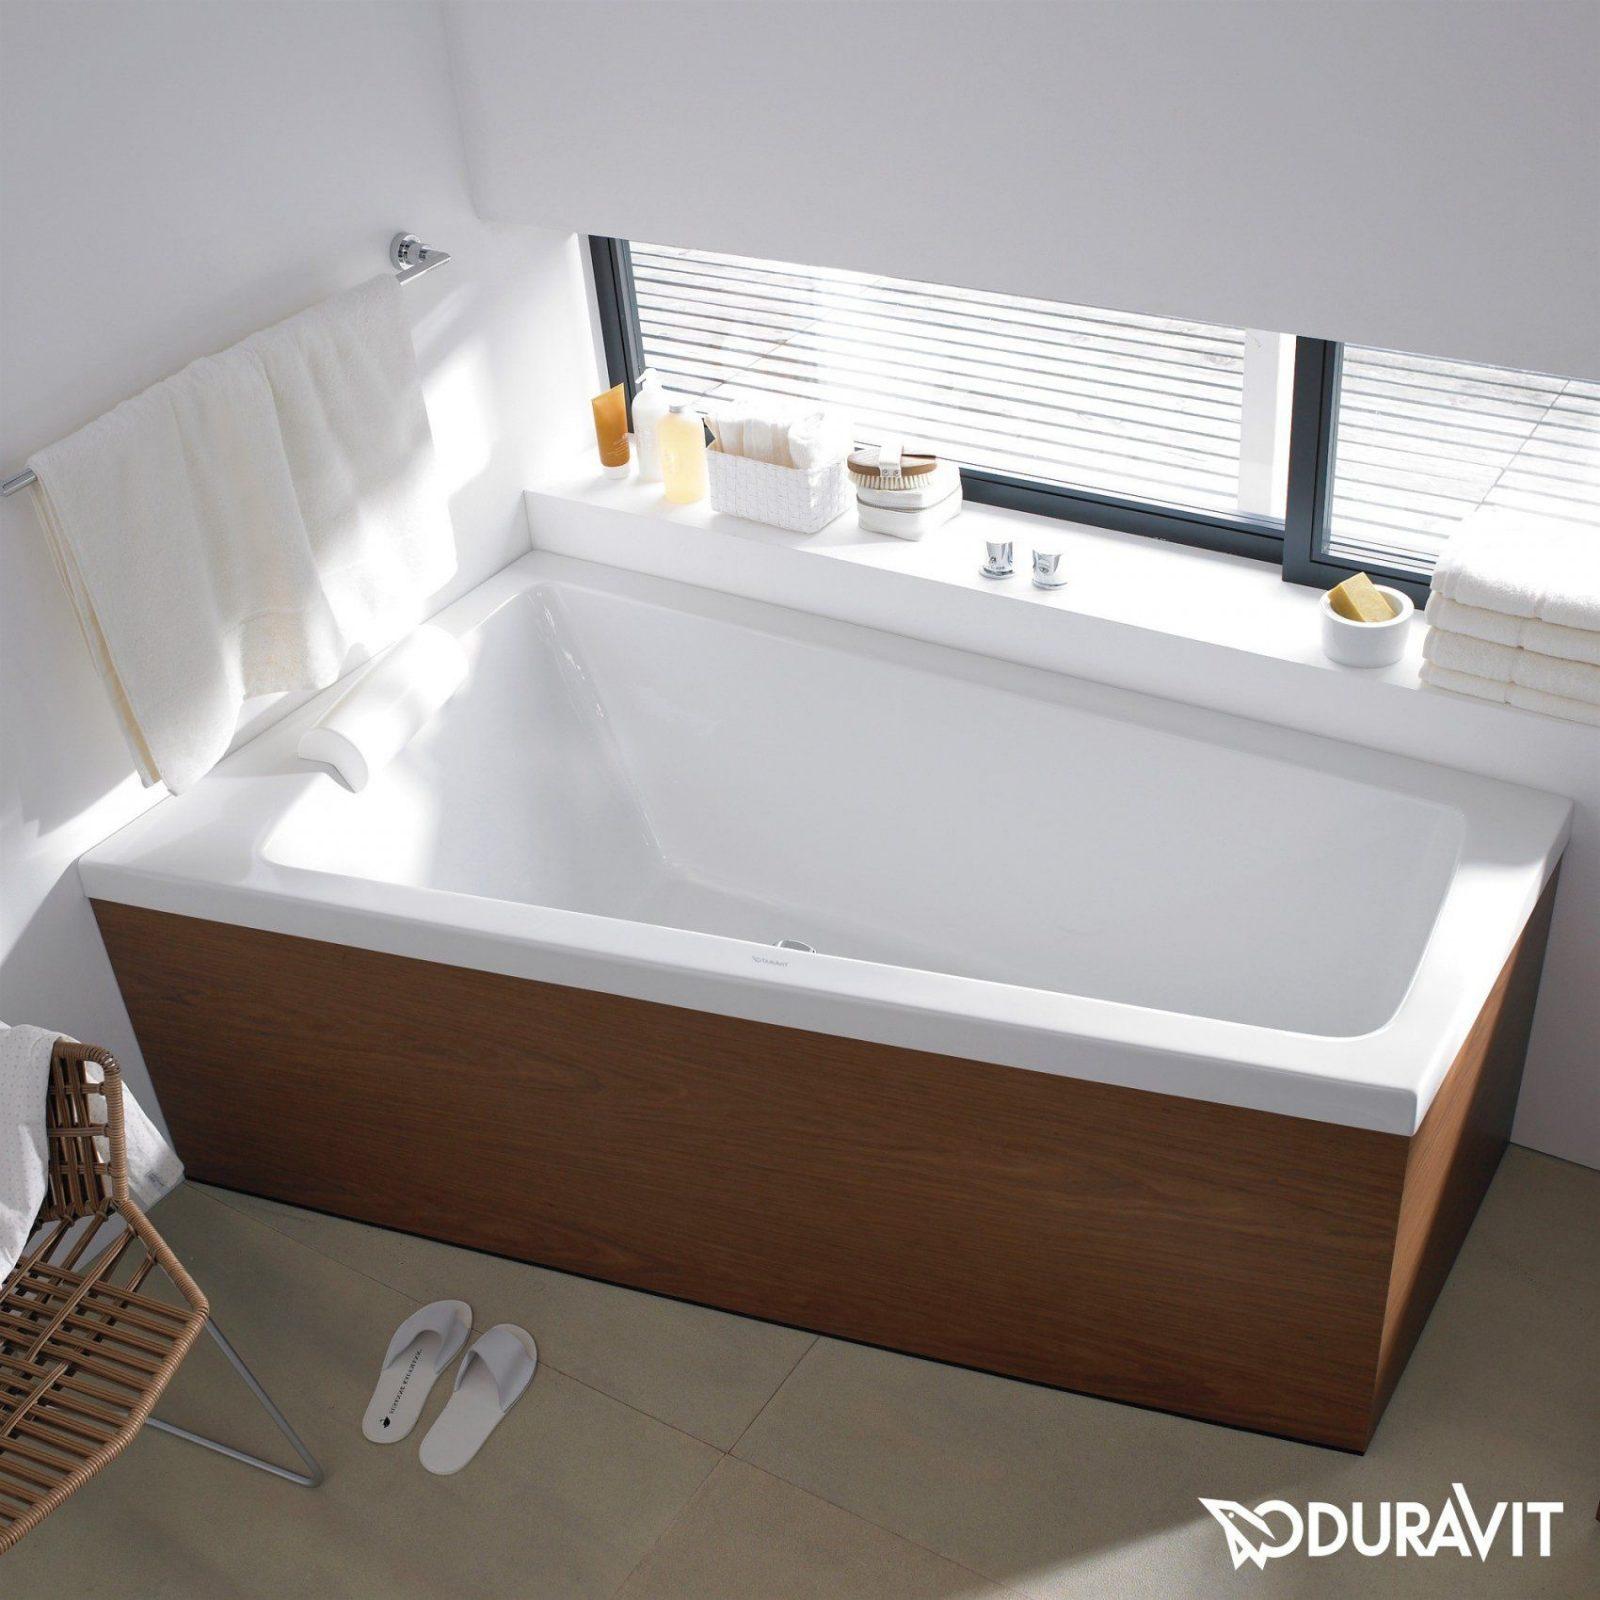 Neu Ideen Schã Nes Badewanne Holzoptik Postaplan Badewanne von Badewanne In Holz Einfassen Bild